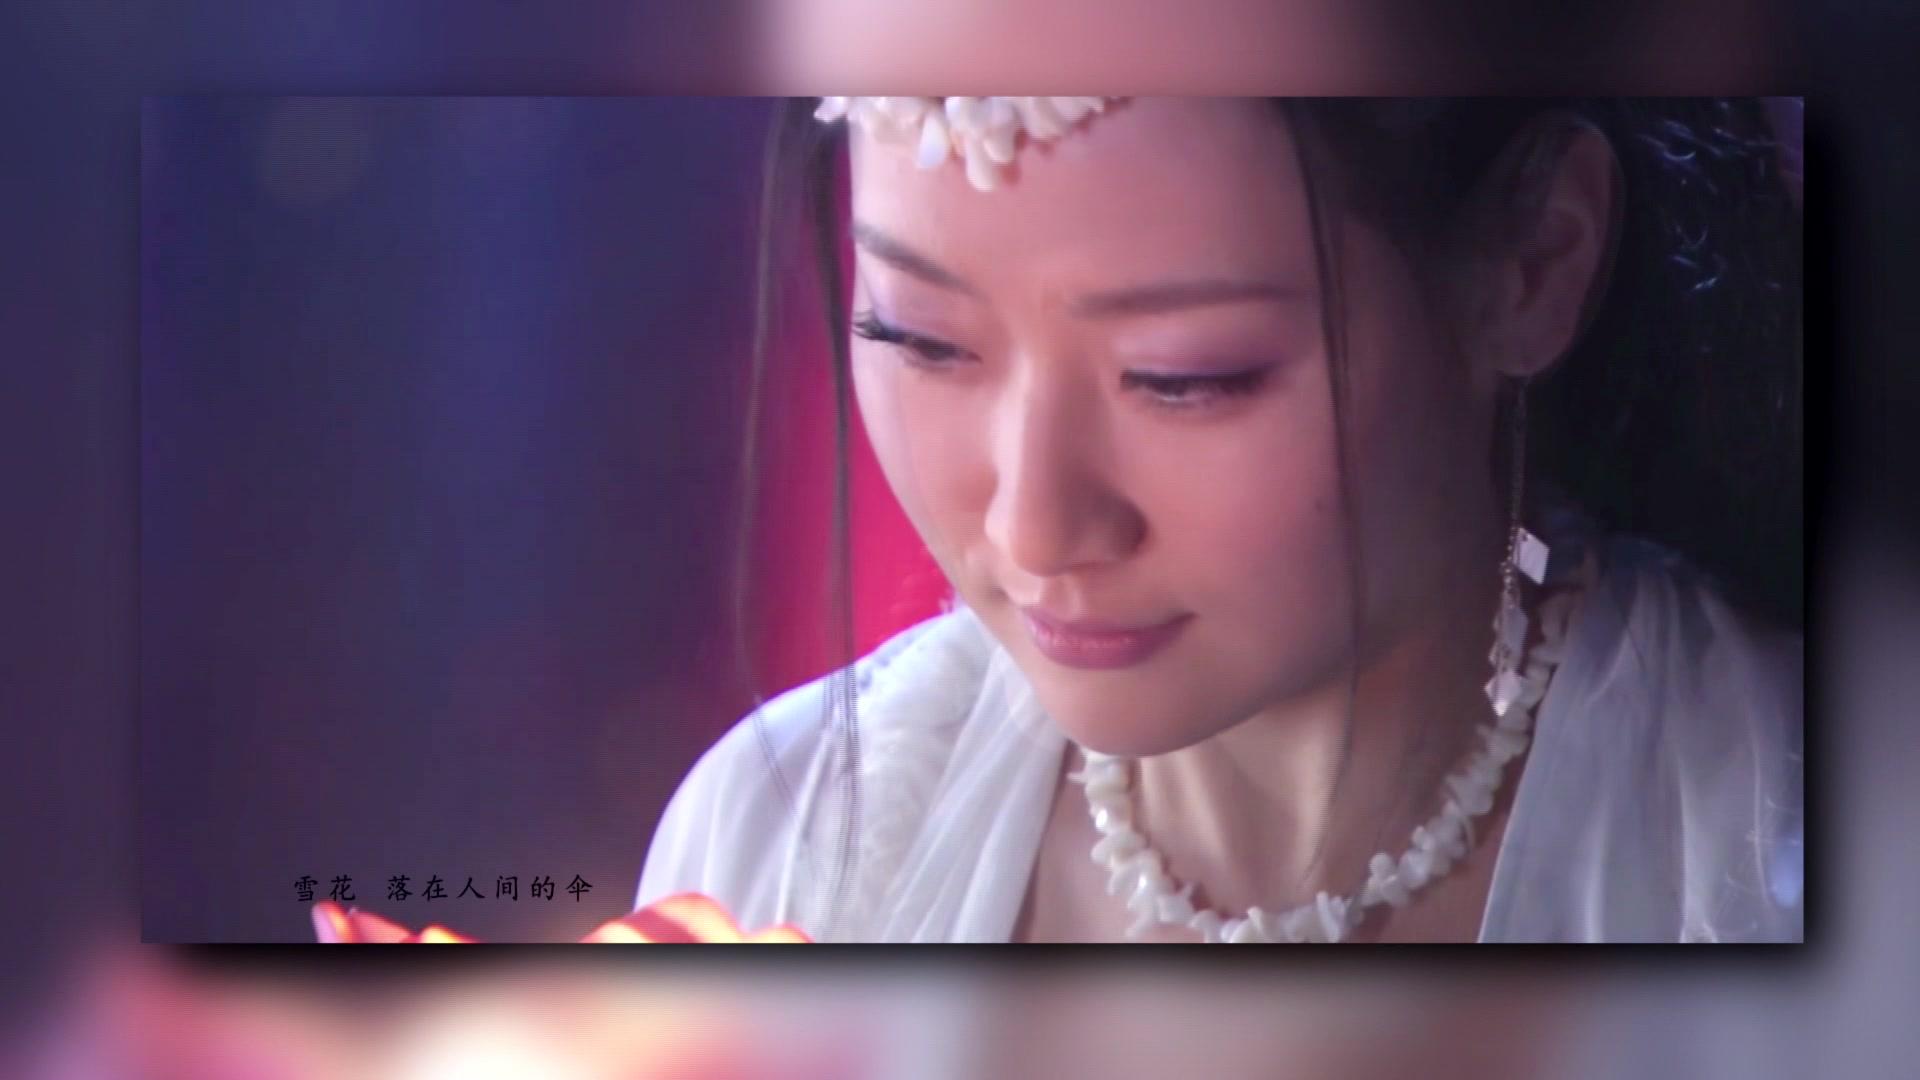 【浮唯-画皮之真爱无悔】白冰-王雨/偏爱浮唯